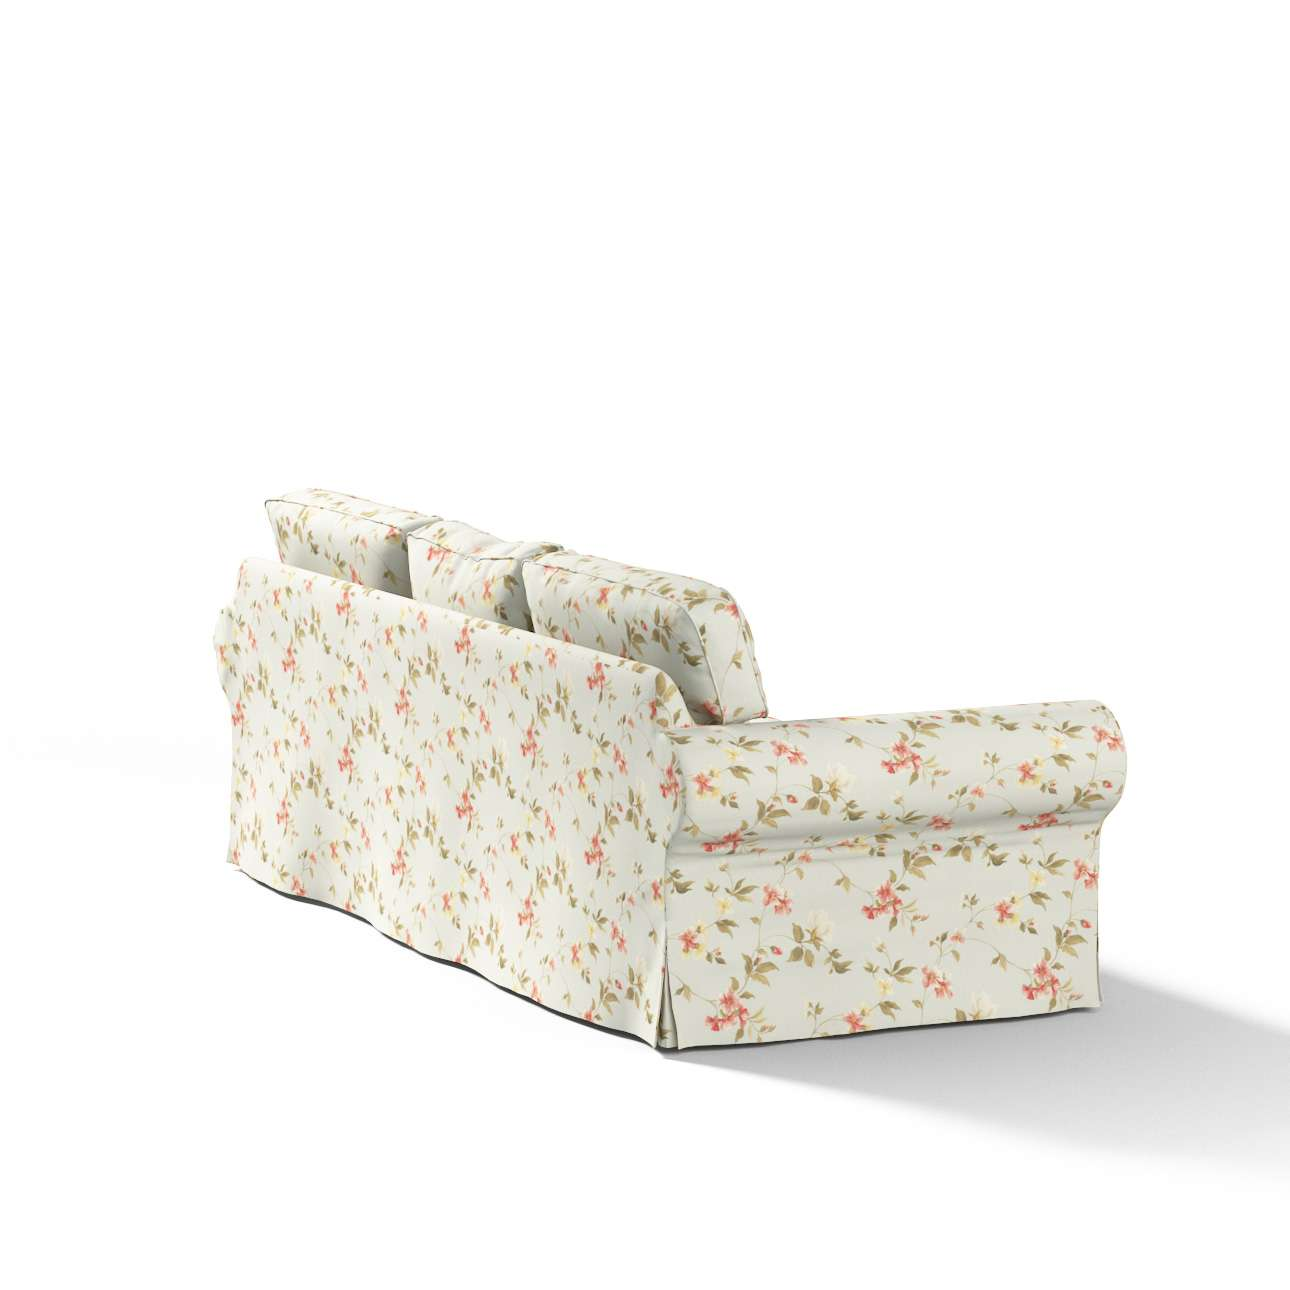 Potah na pohovku IKEA  Ektorp 3-místná, nerozkládací pohovka Ektorp 3-místná v kolekci Londres, látka: 124-65